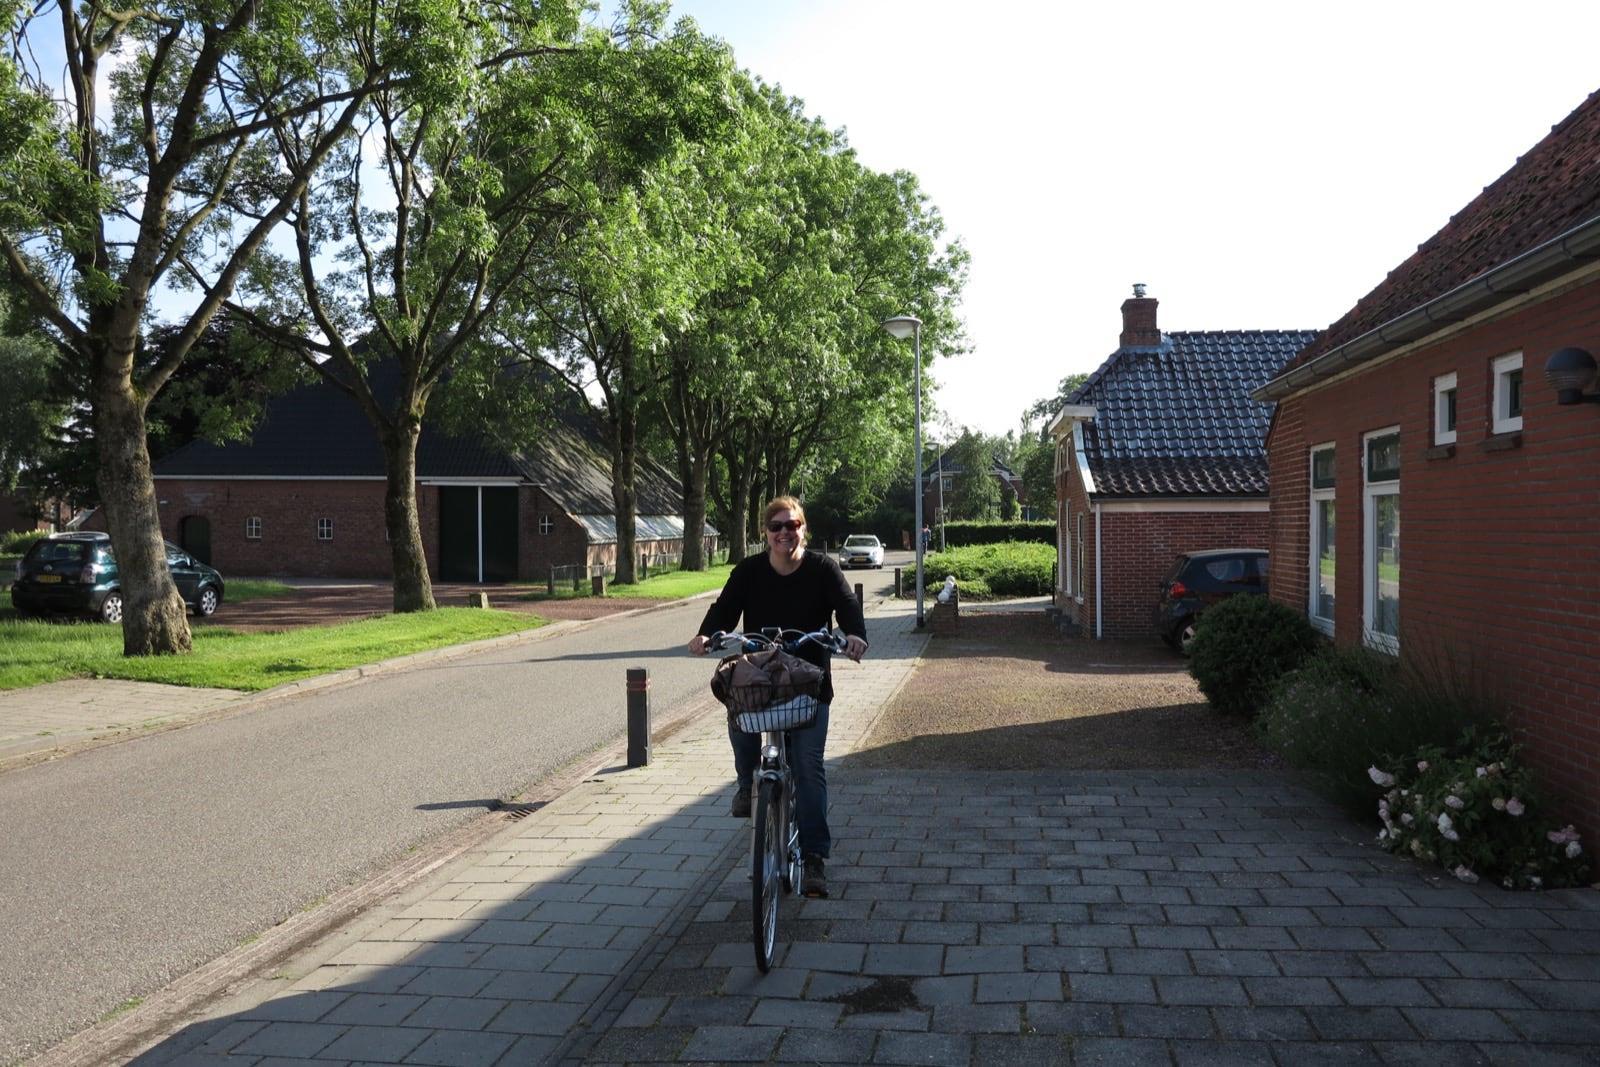 et-fiets-en-fietser-48-thesinger-fietstocht-daphne-wiegertjes-oi.jpg